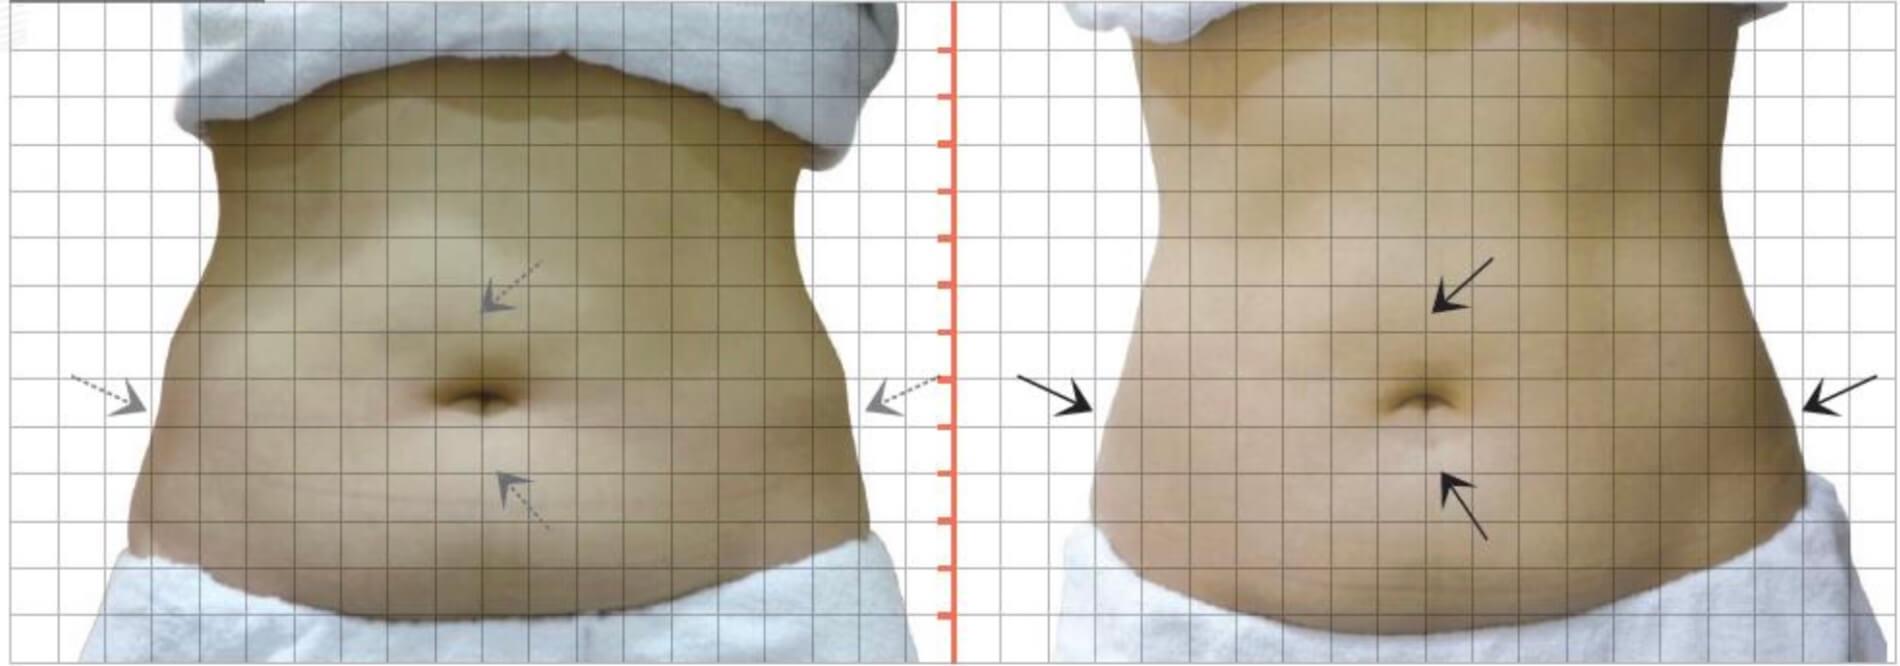 上下腹部及雙側腰部,酷S冷凍減脂一次治療